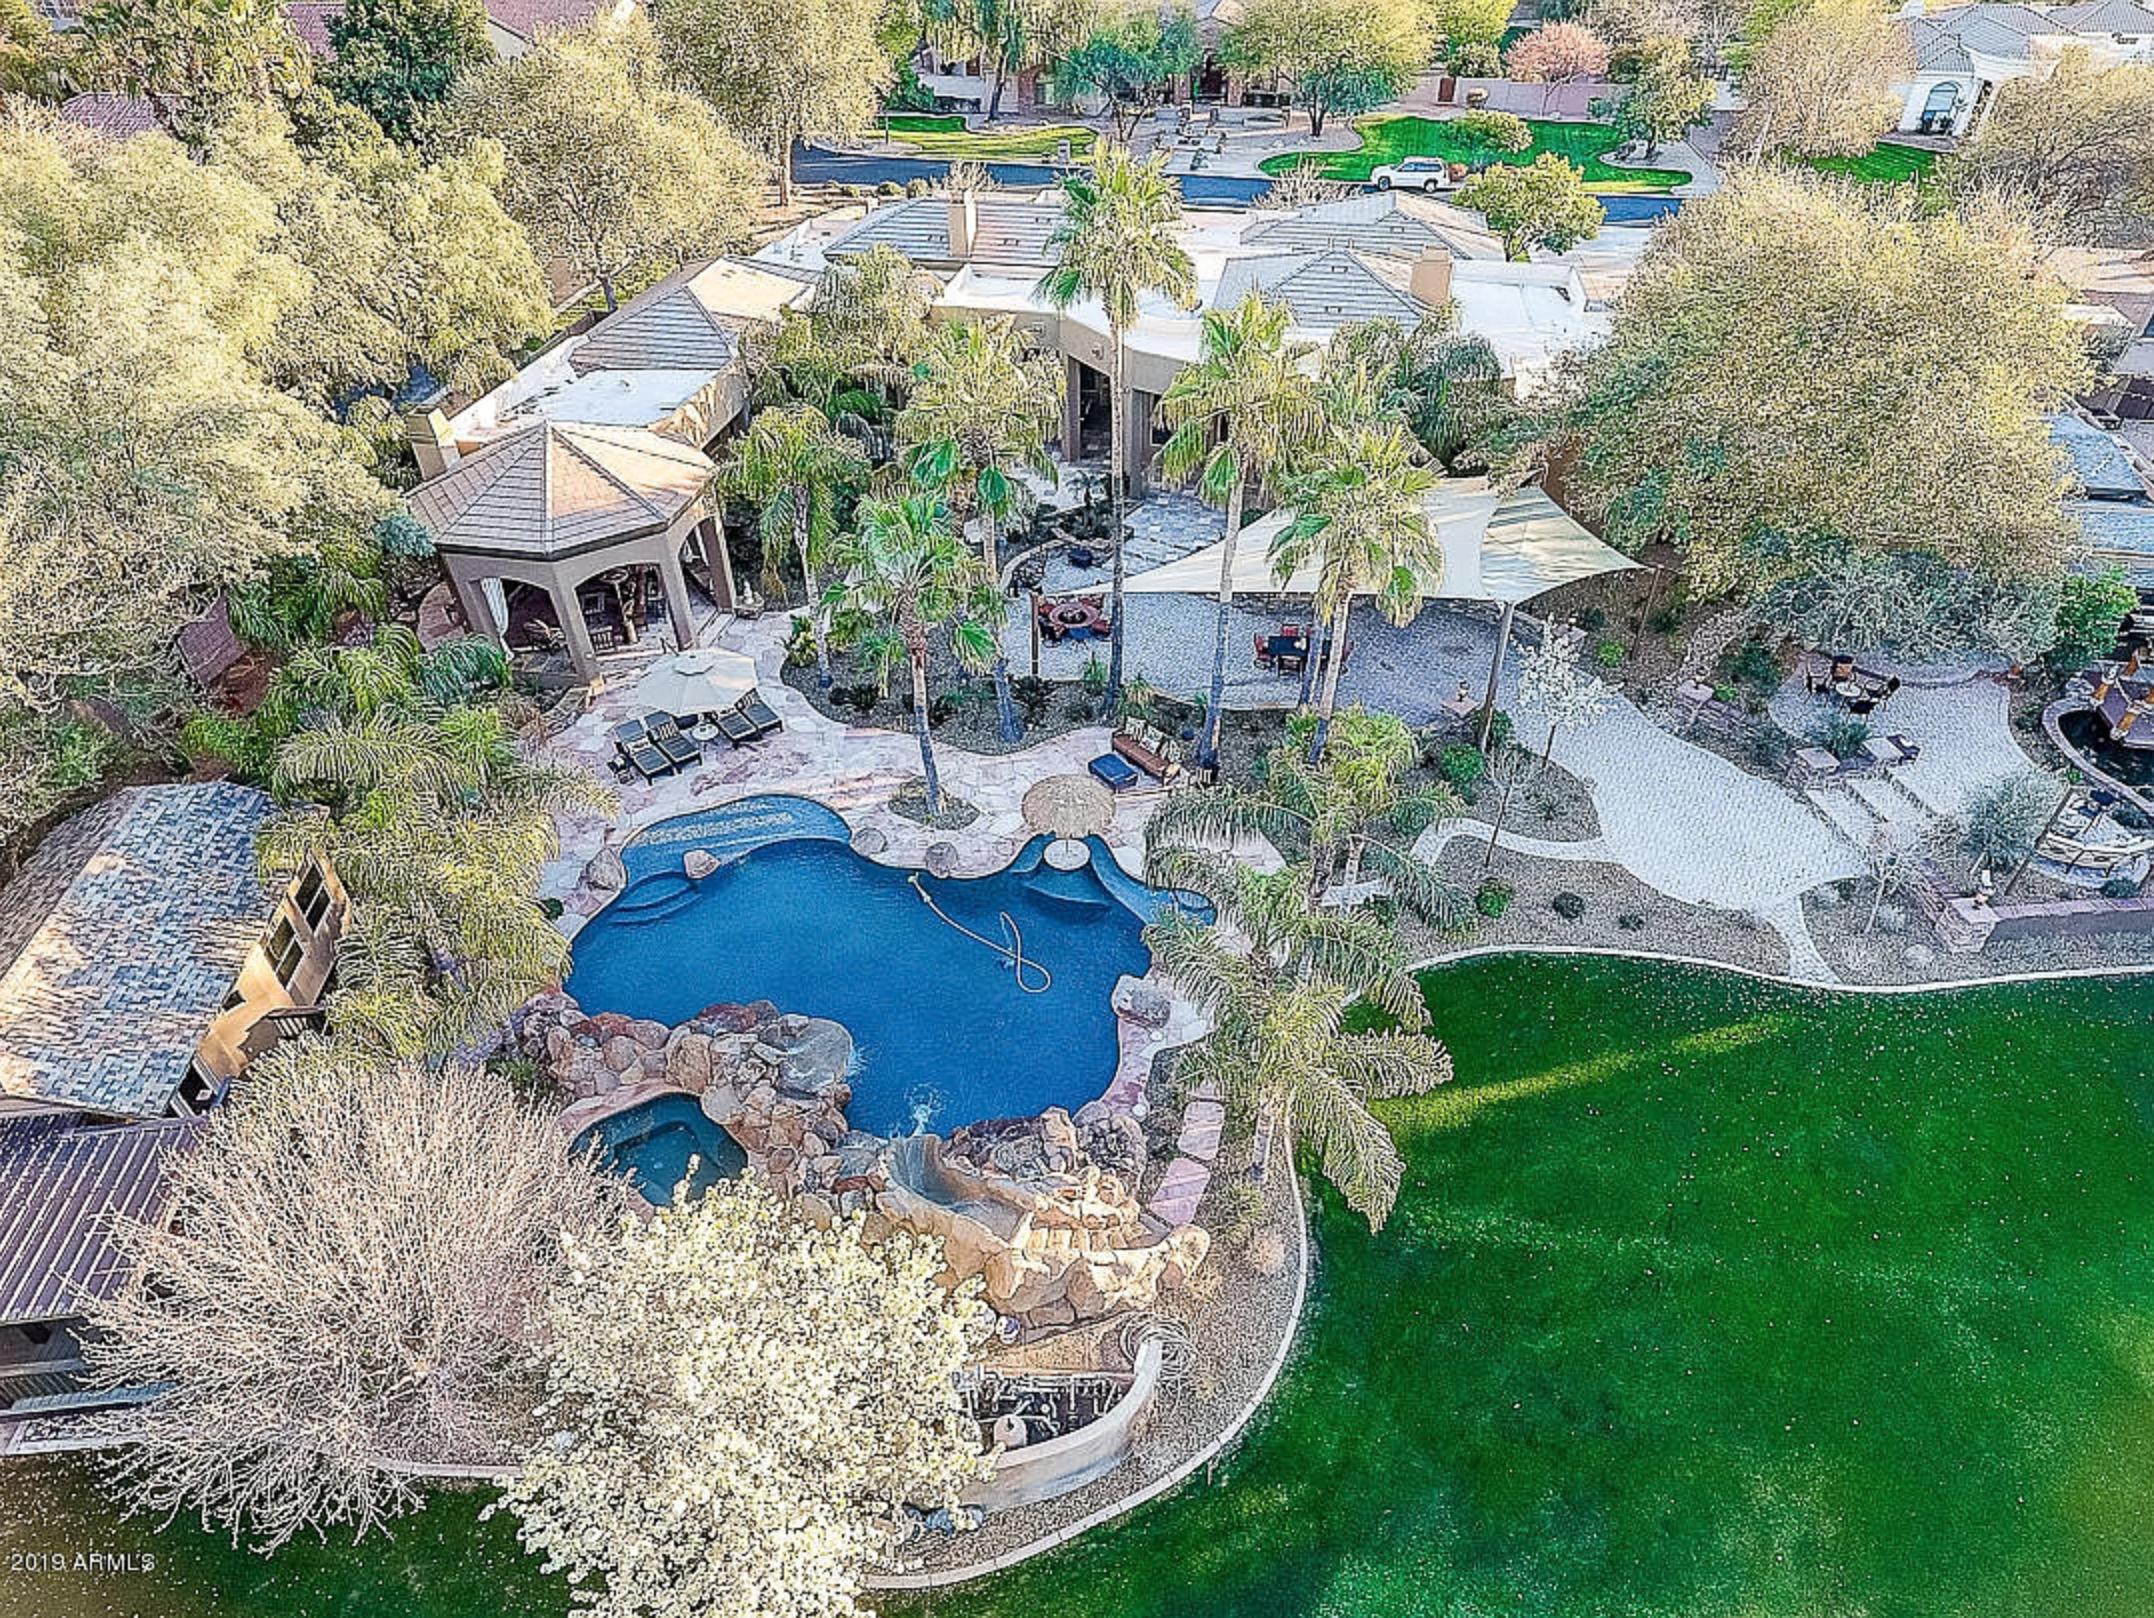 1168 E Desert Court, Gilbert - $2,400,000 - 6 Beds, 6 Baths, 5,494 Sf